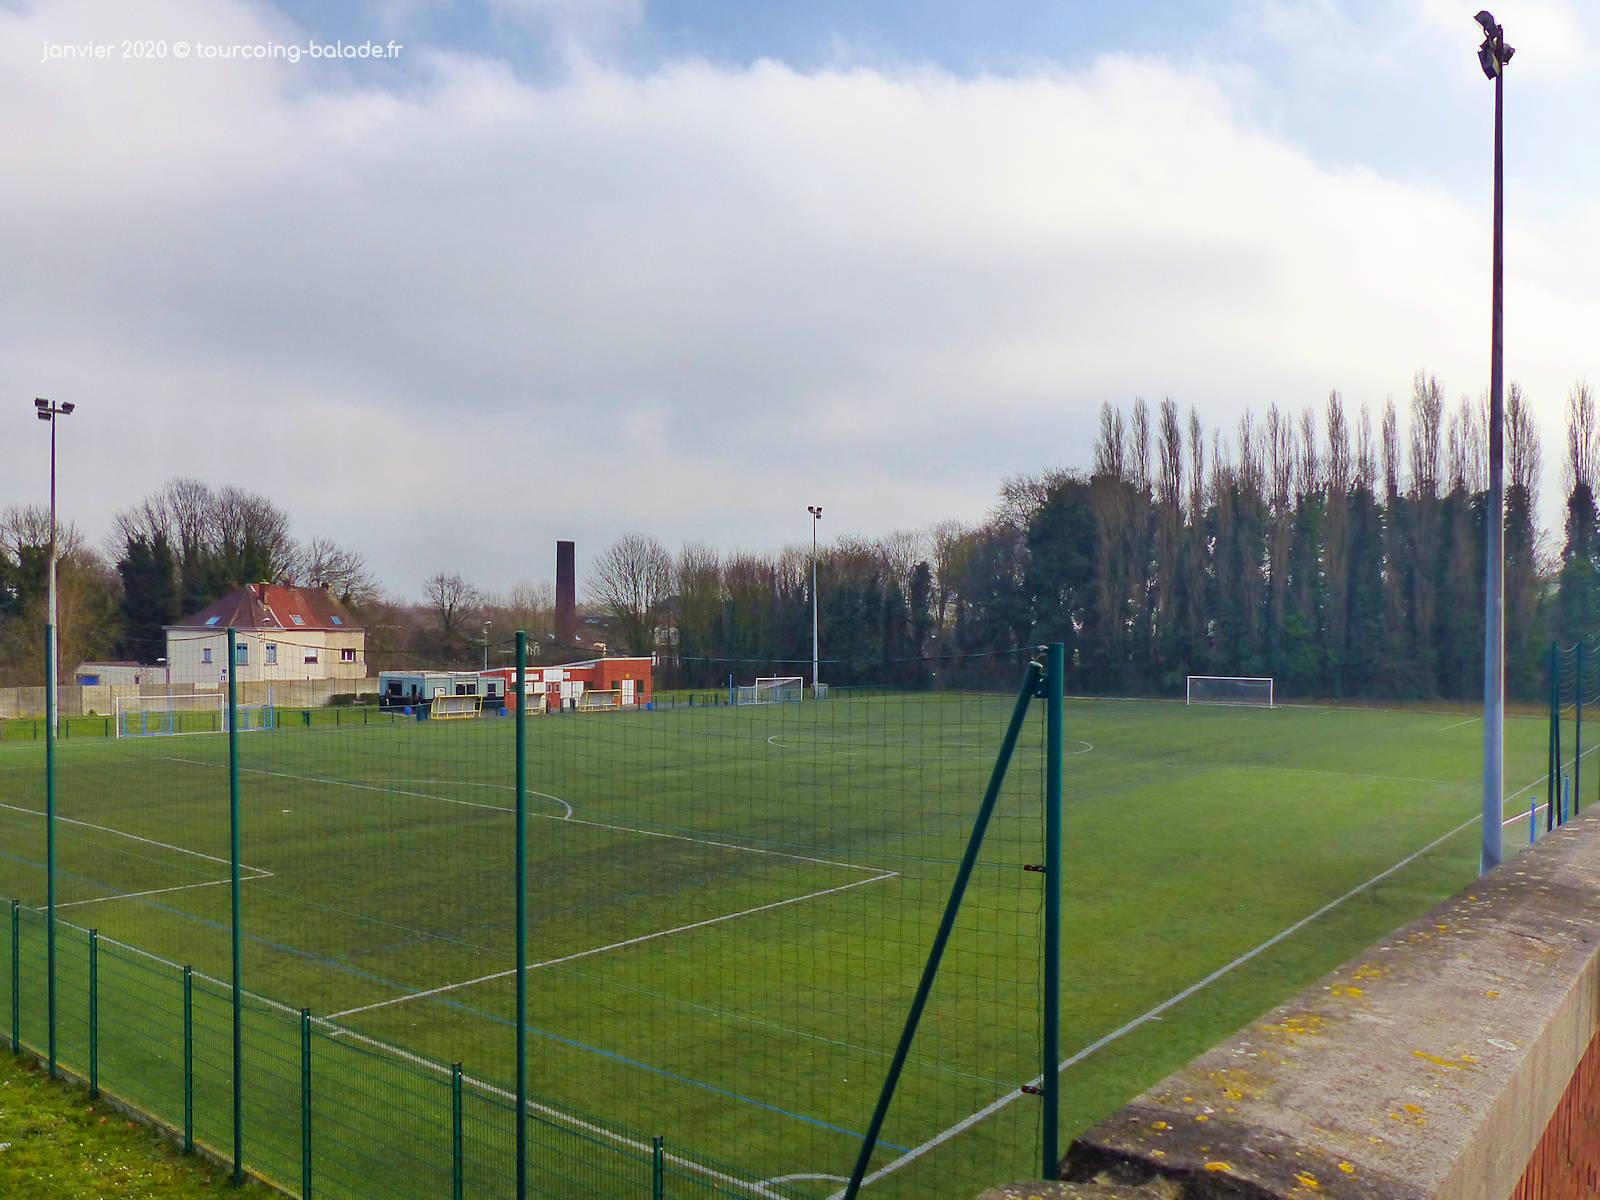 Stade du Tilleul, Football, Tourcoing.